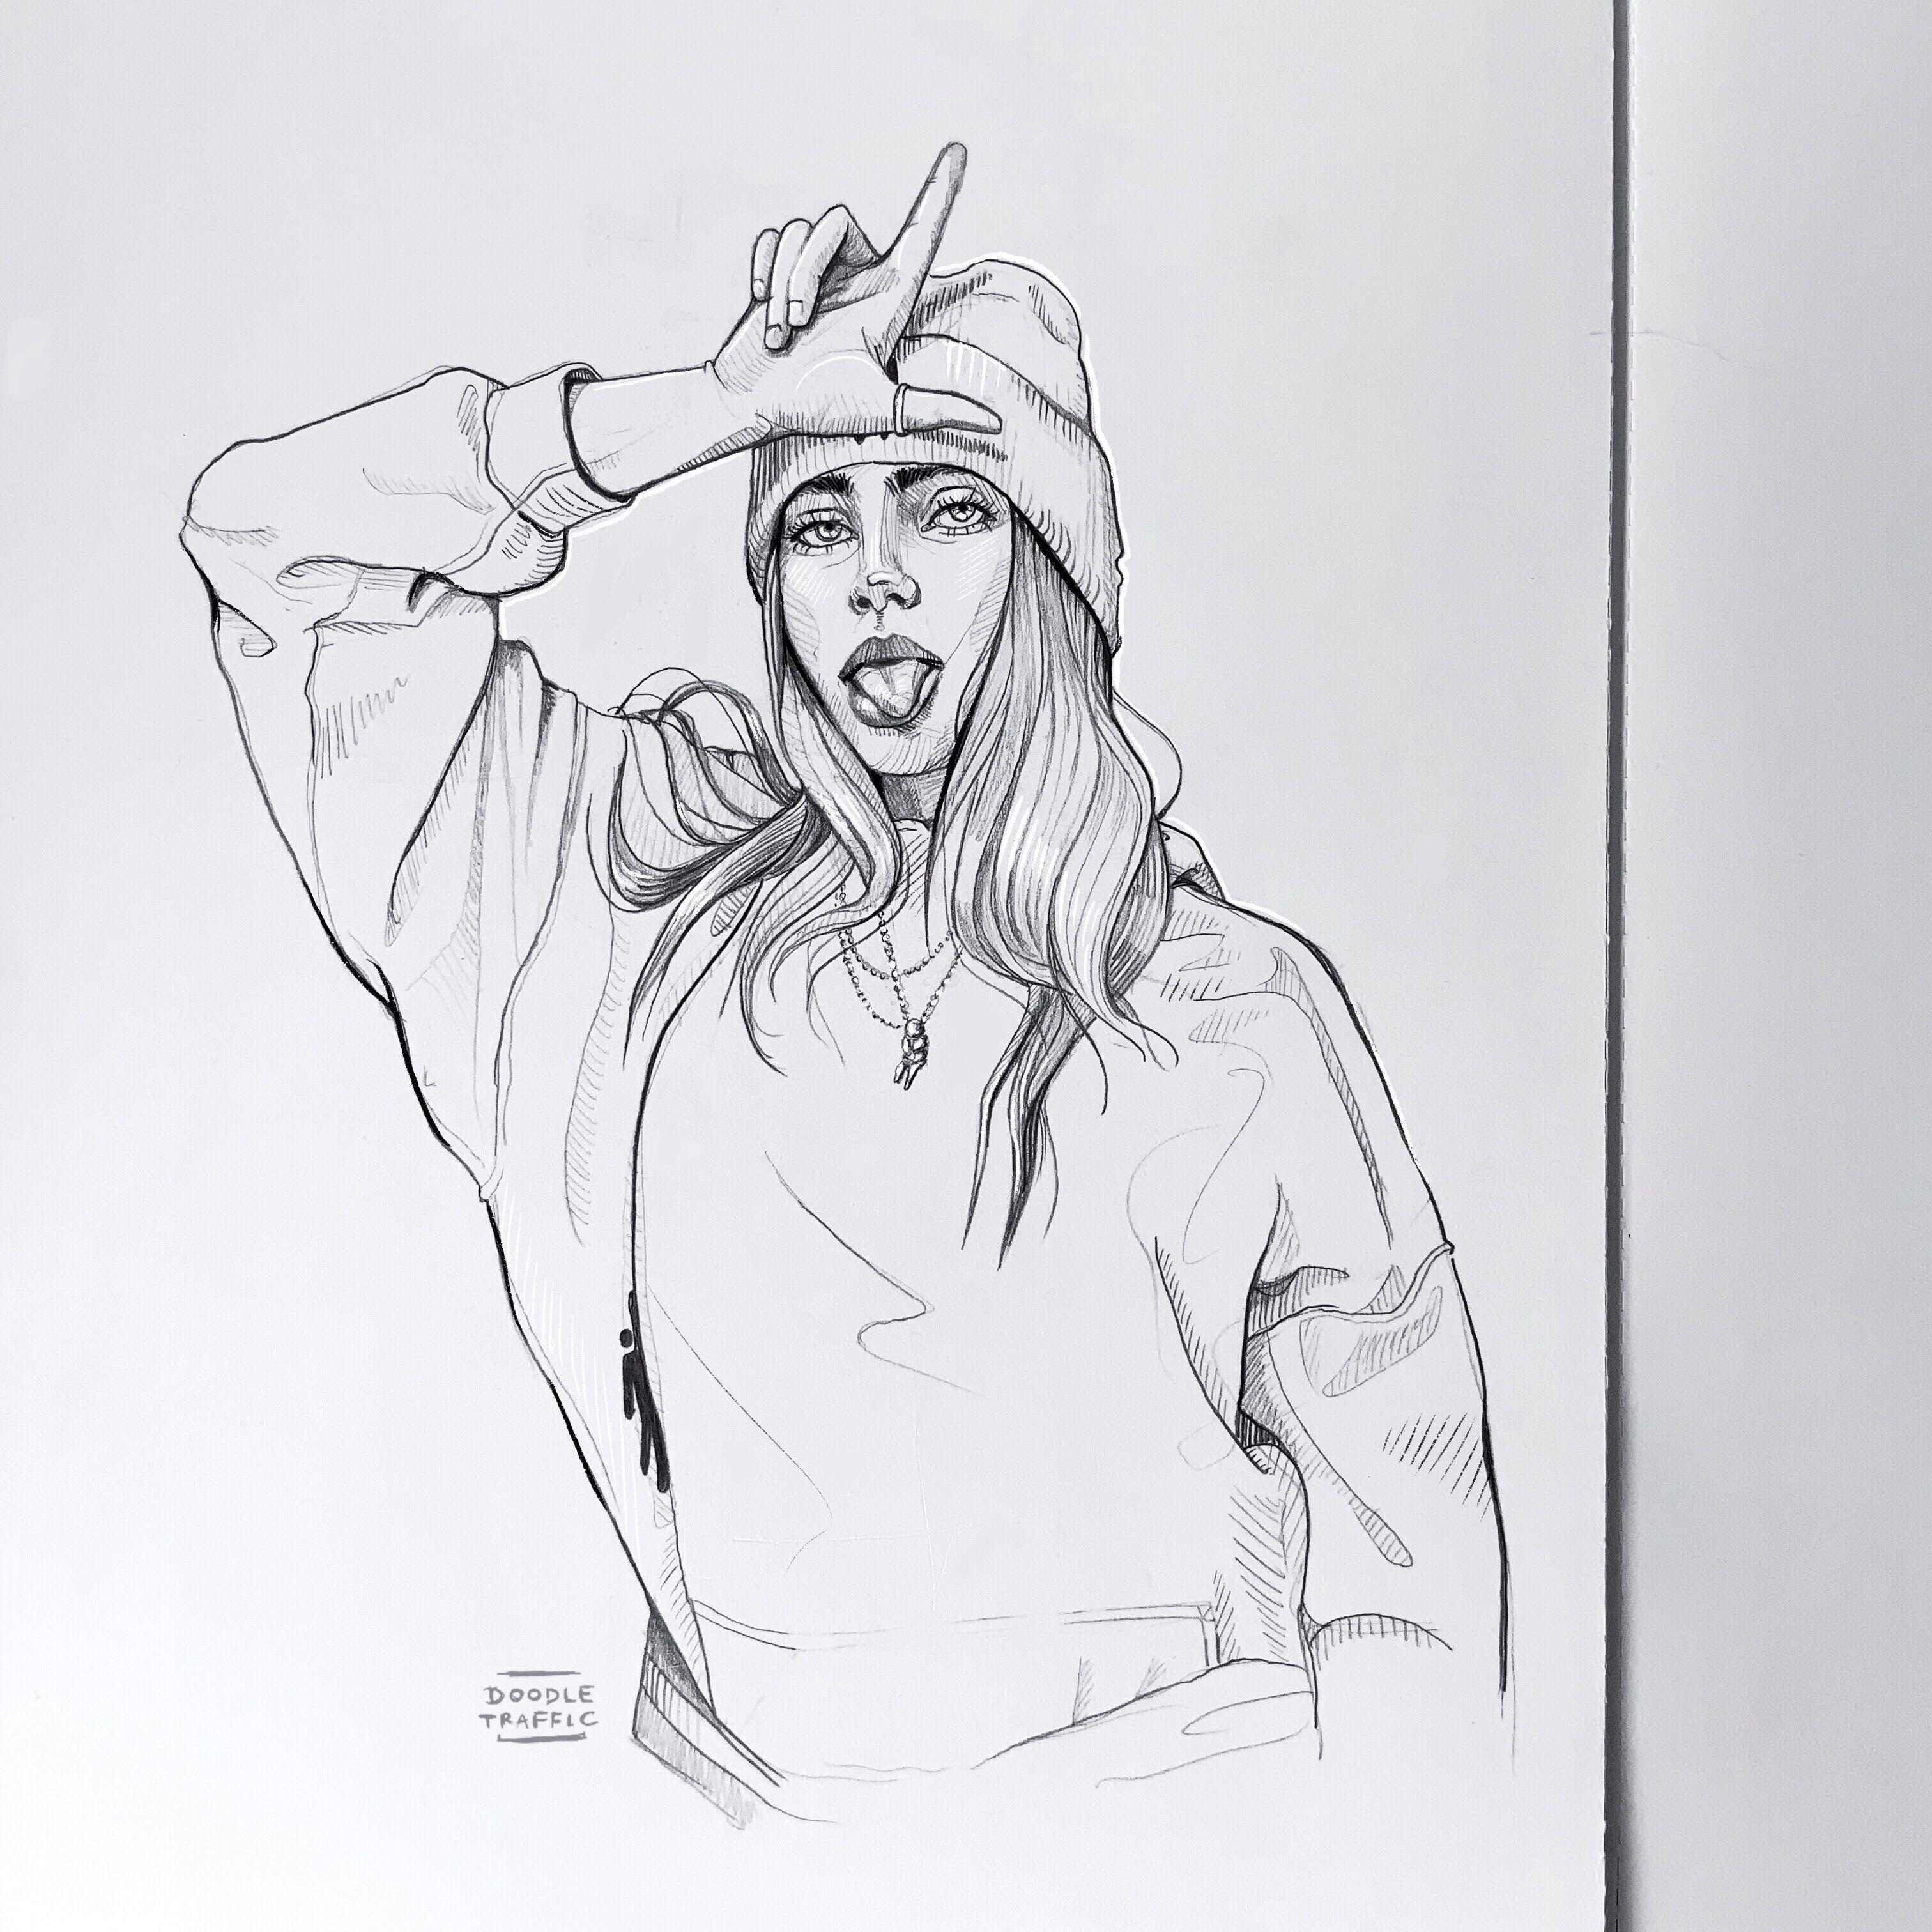 @doodle_traffic #sketchbook #sketch #drawing #portrait #